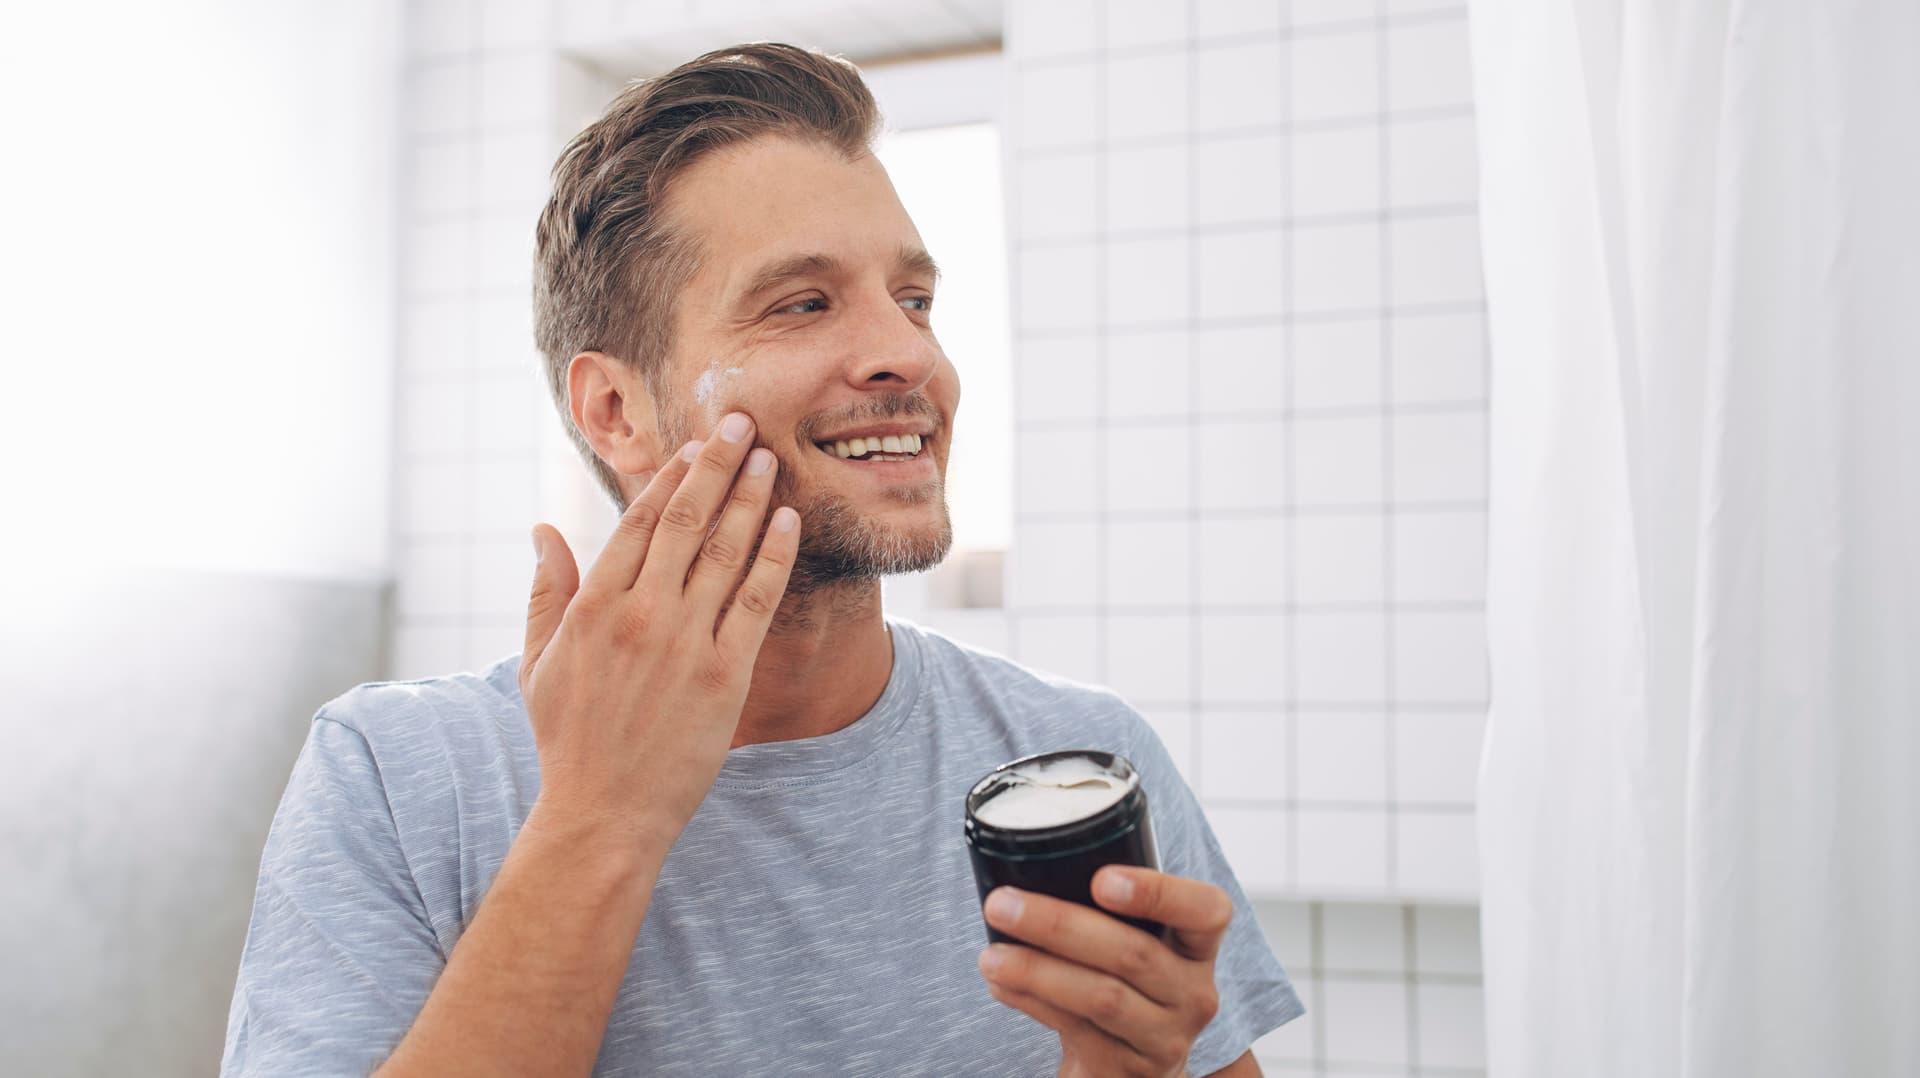 Mann, After shave, creme